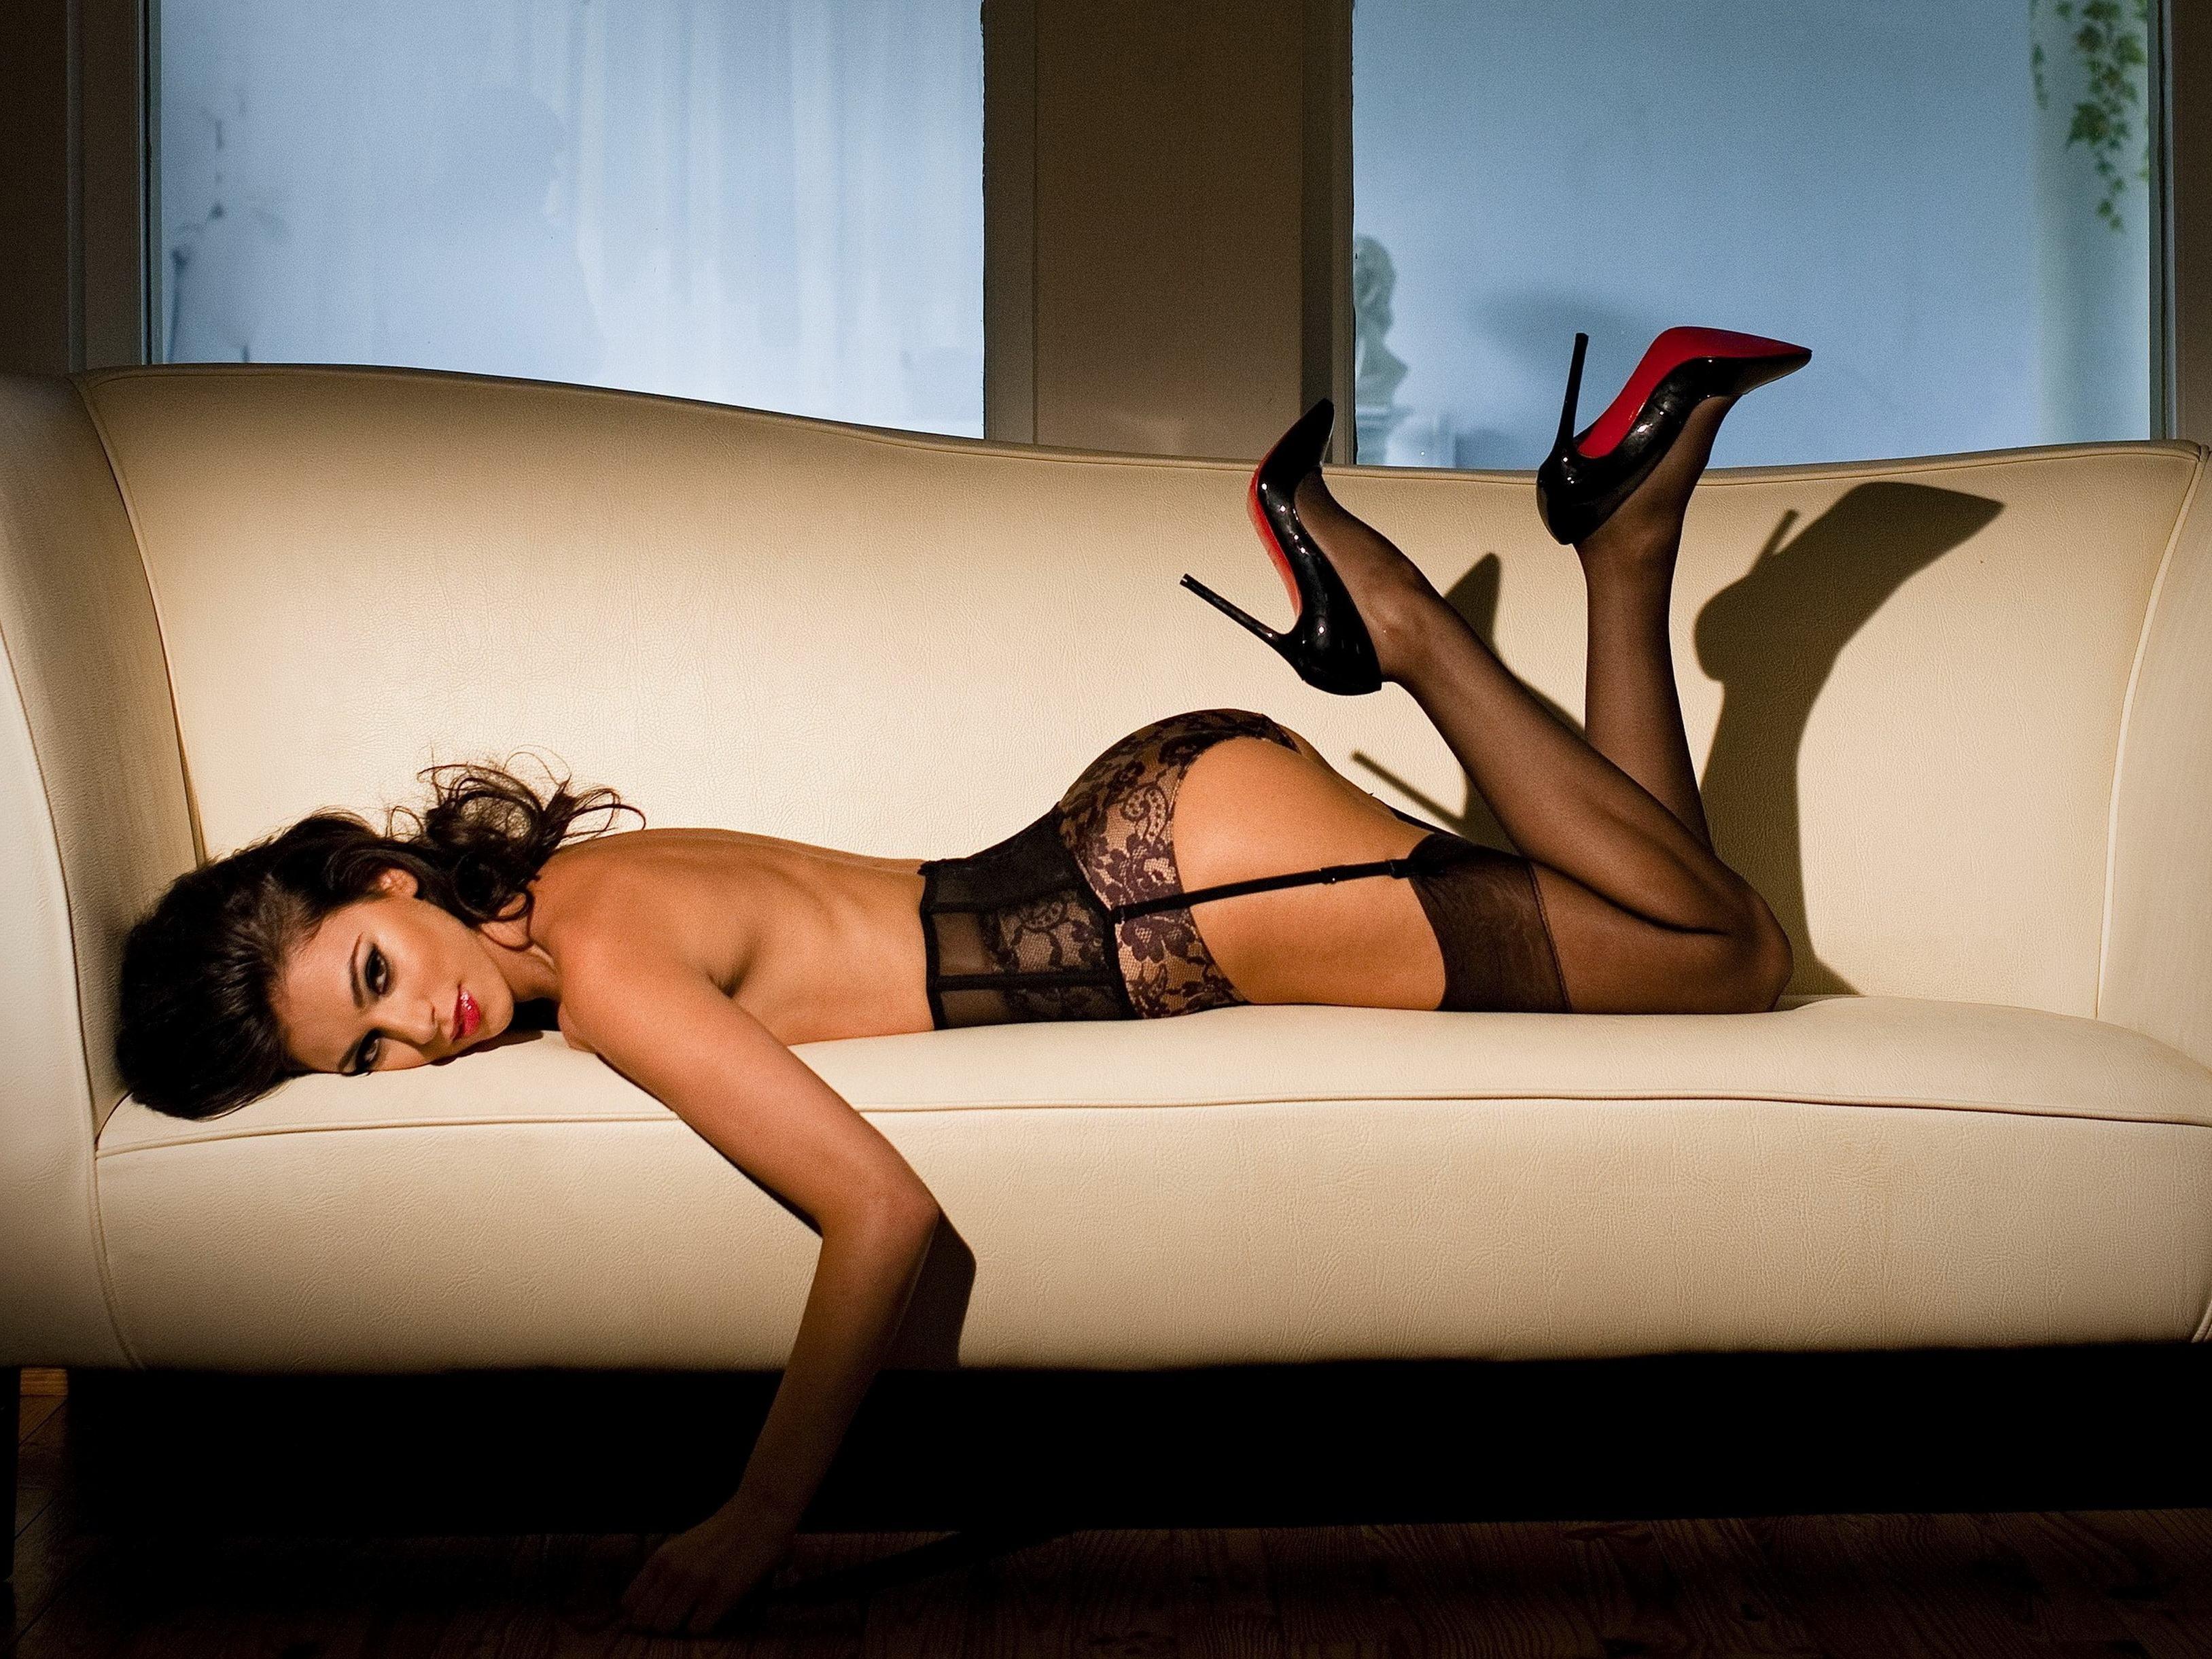 Dominatrix escorts sexy lingerie